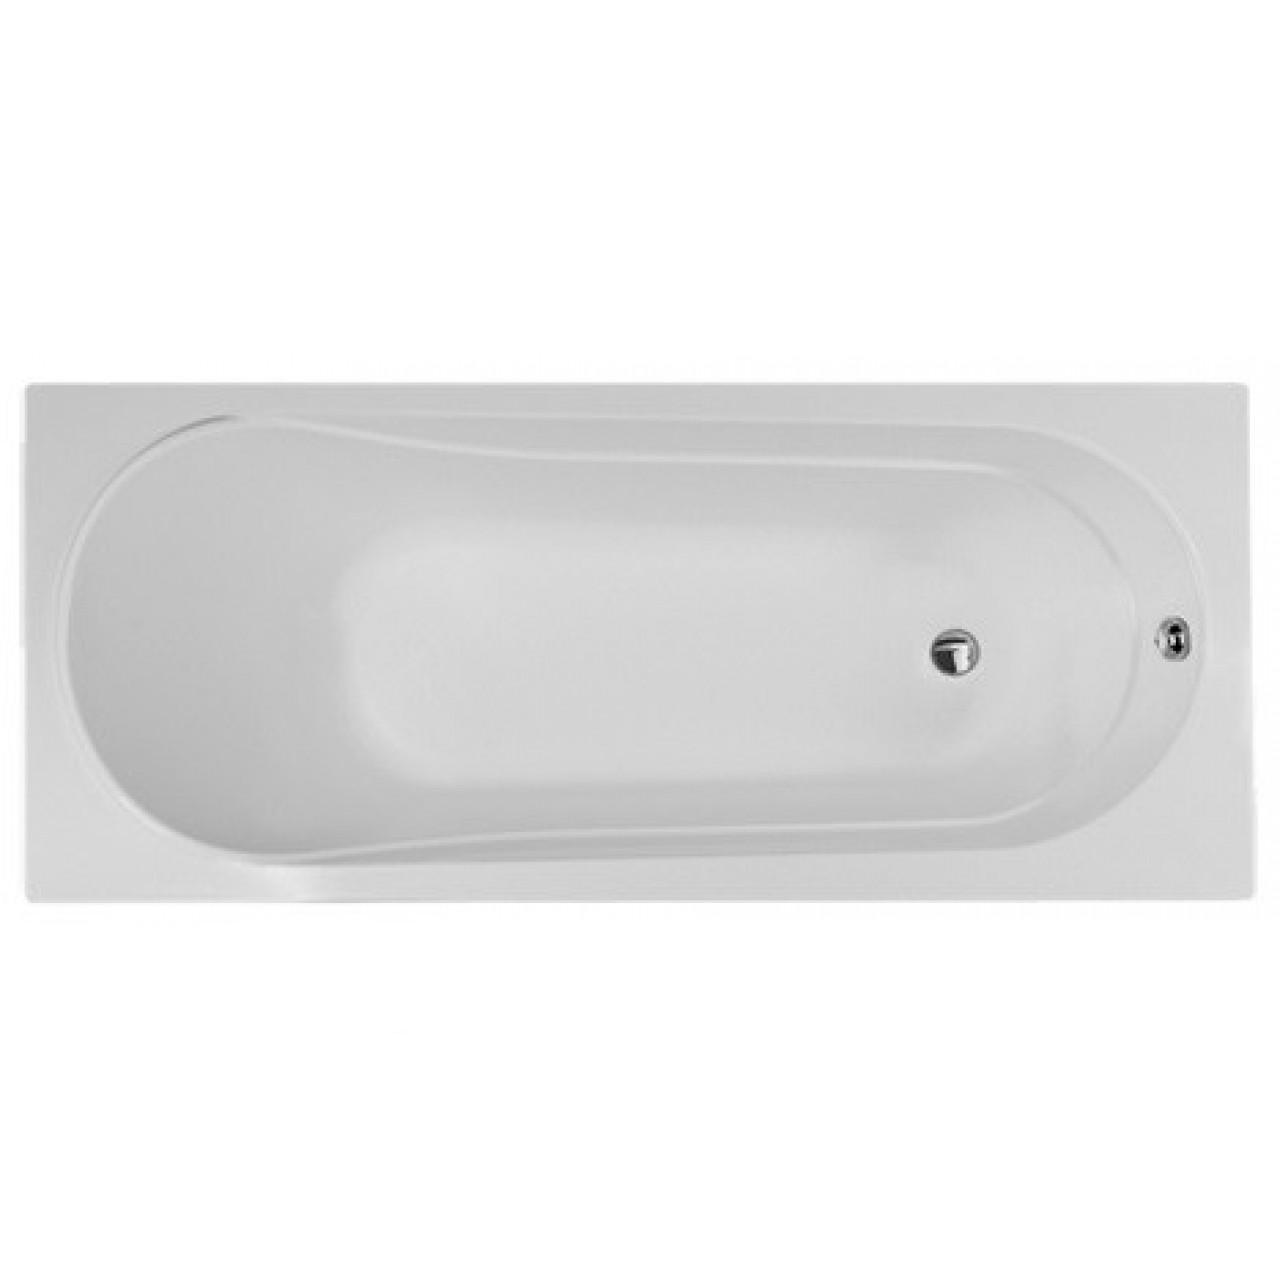 Акриловая ванна Am.pm Joy 170x75 акриловая ванна excellent aquaria 170х75 без гидромассажа